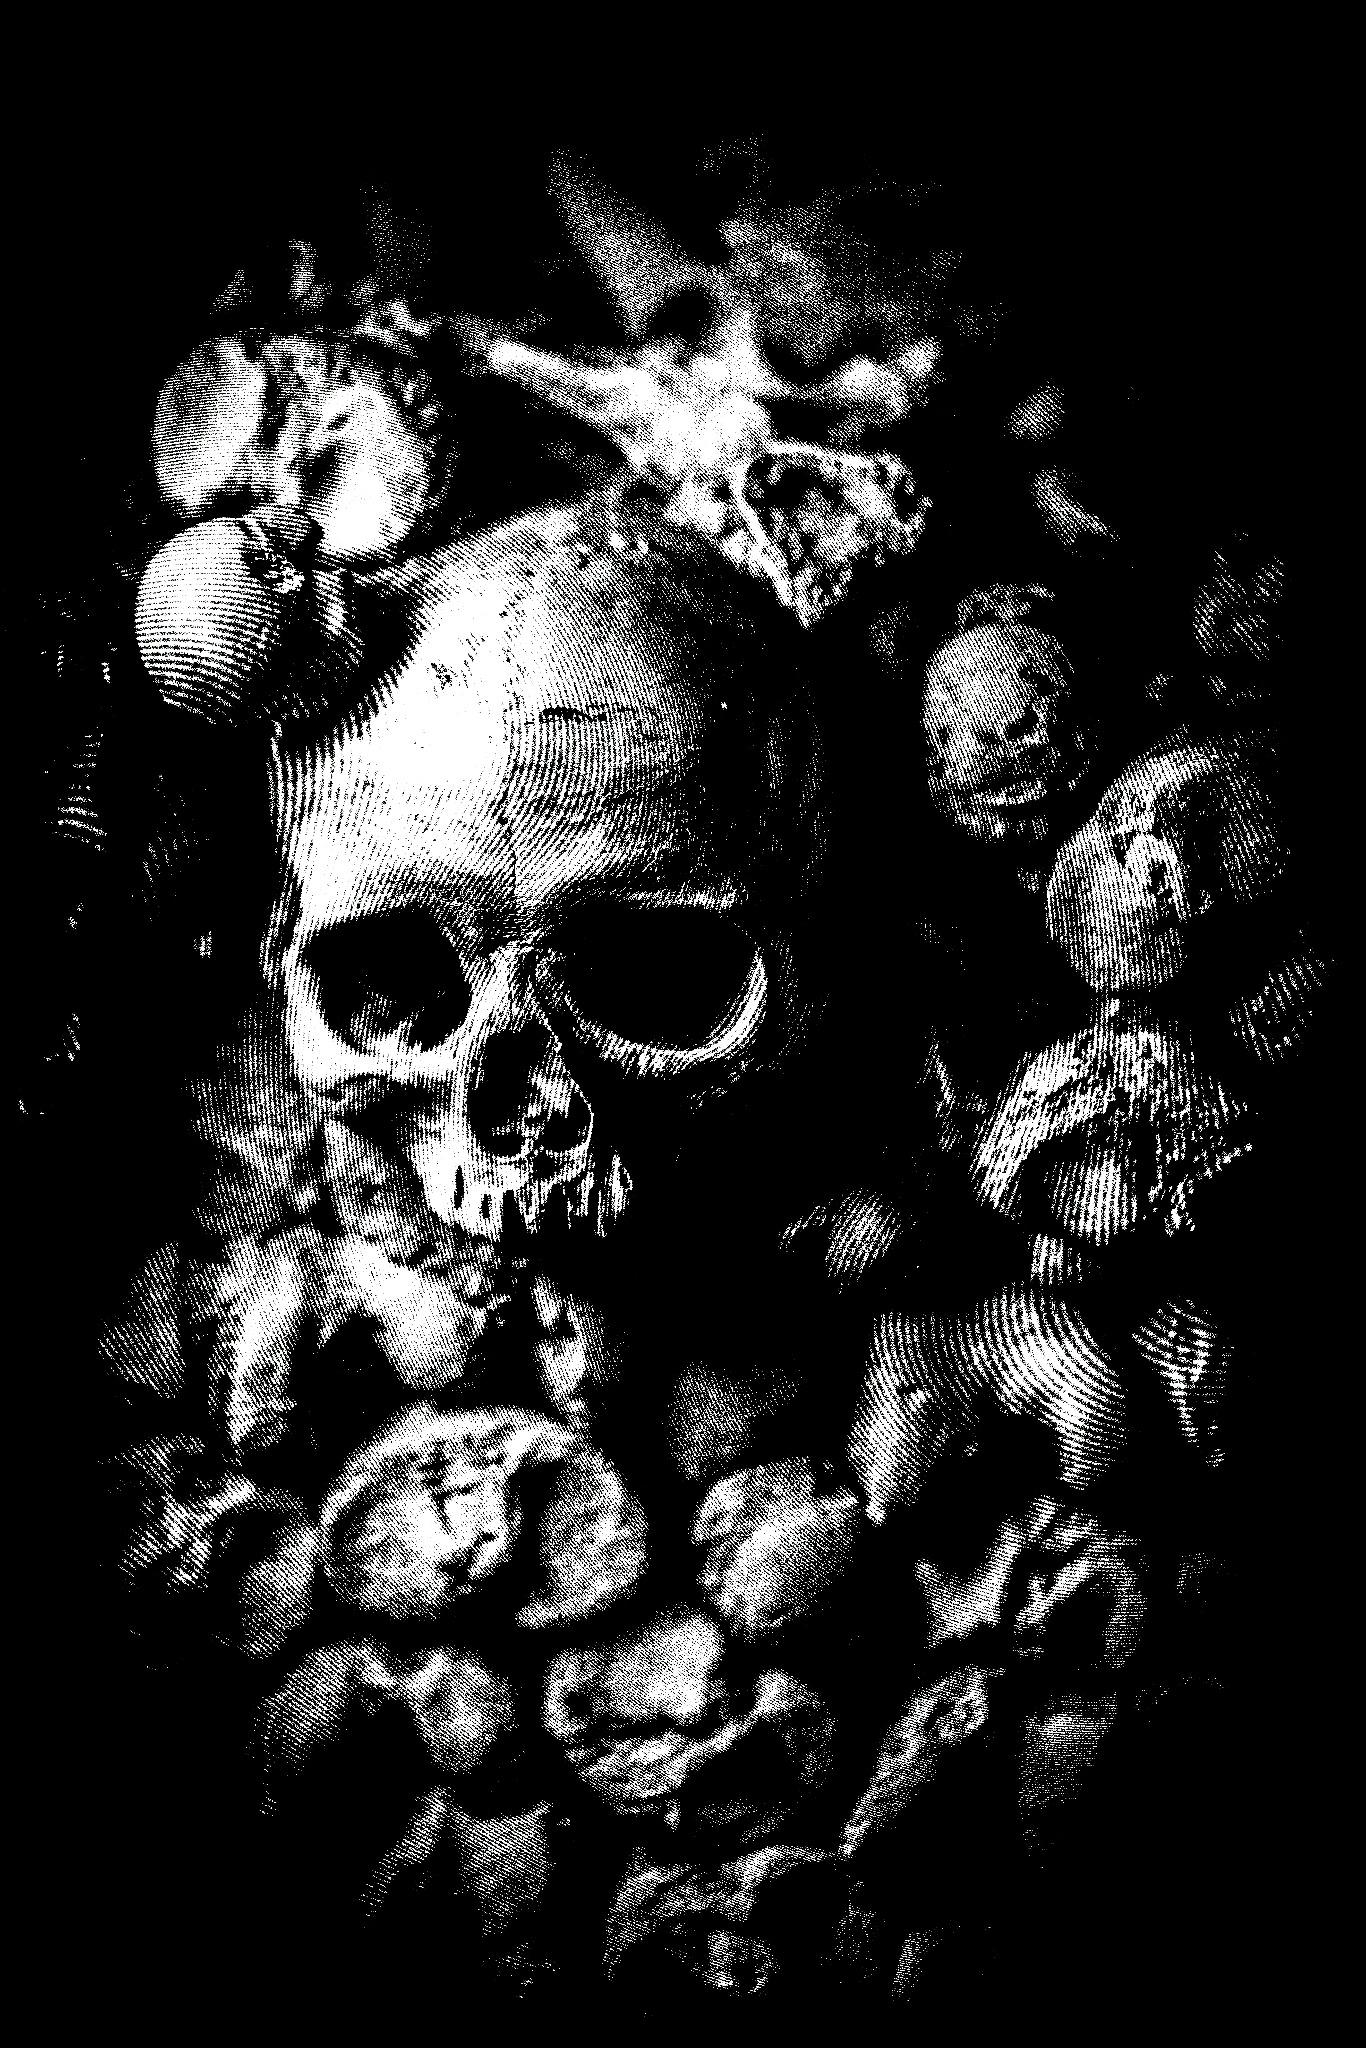 Catacomb Stranger wallpaper